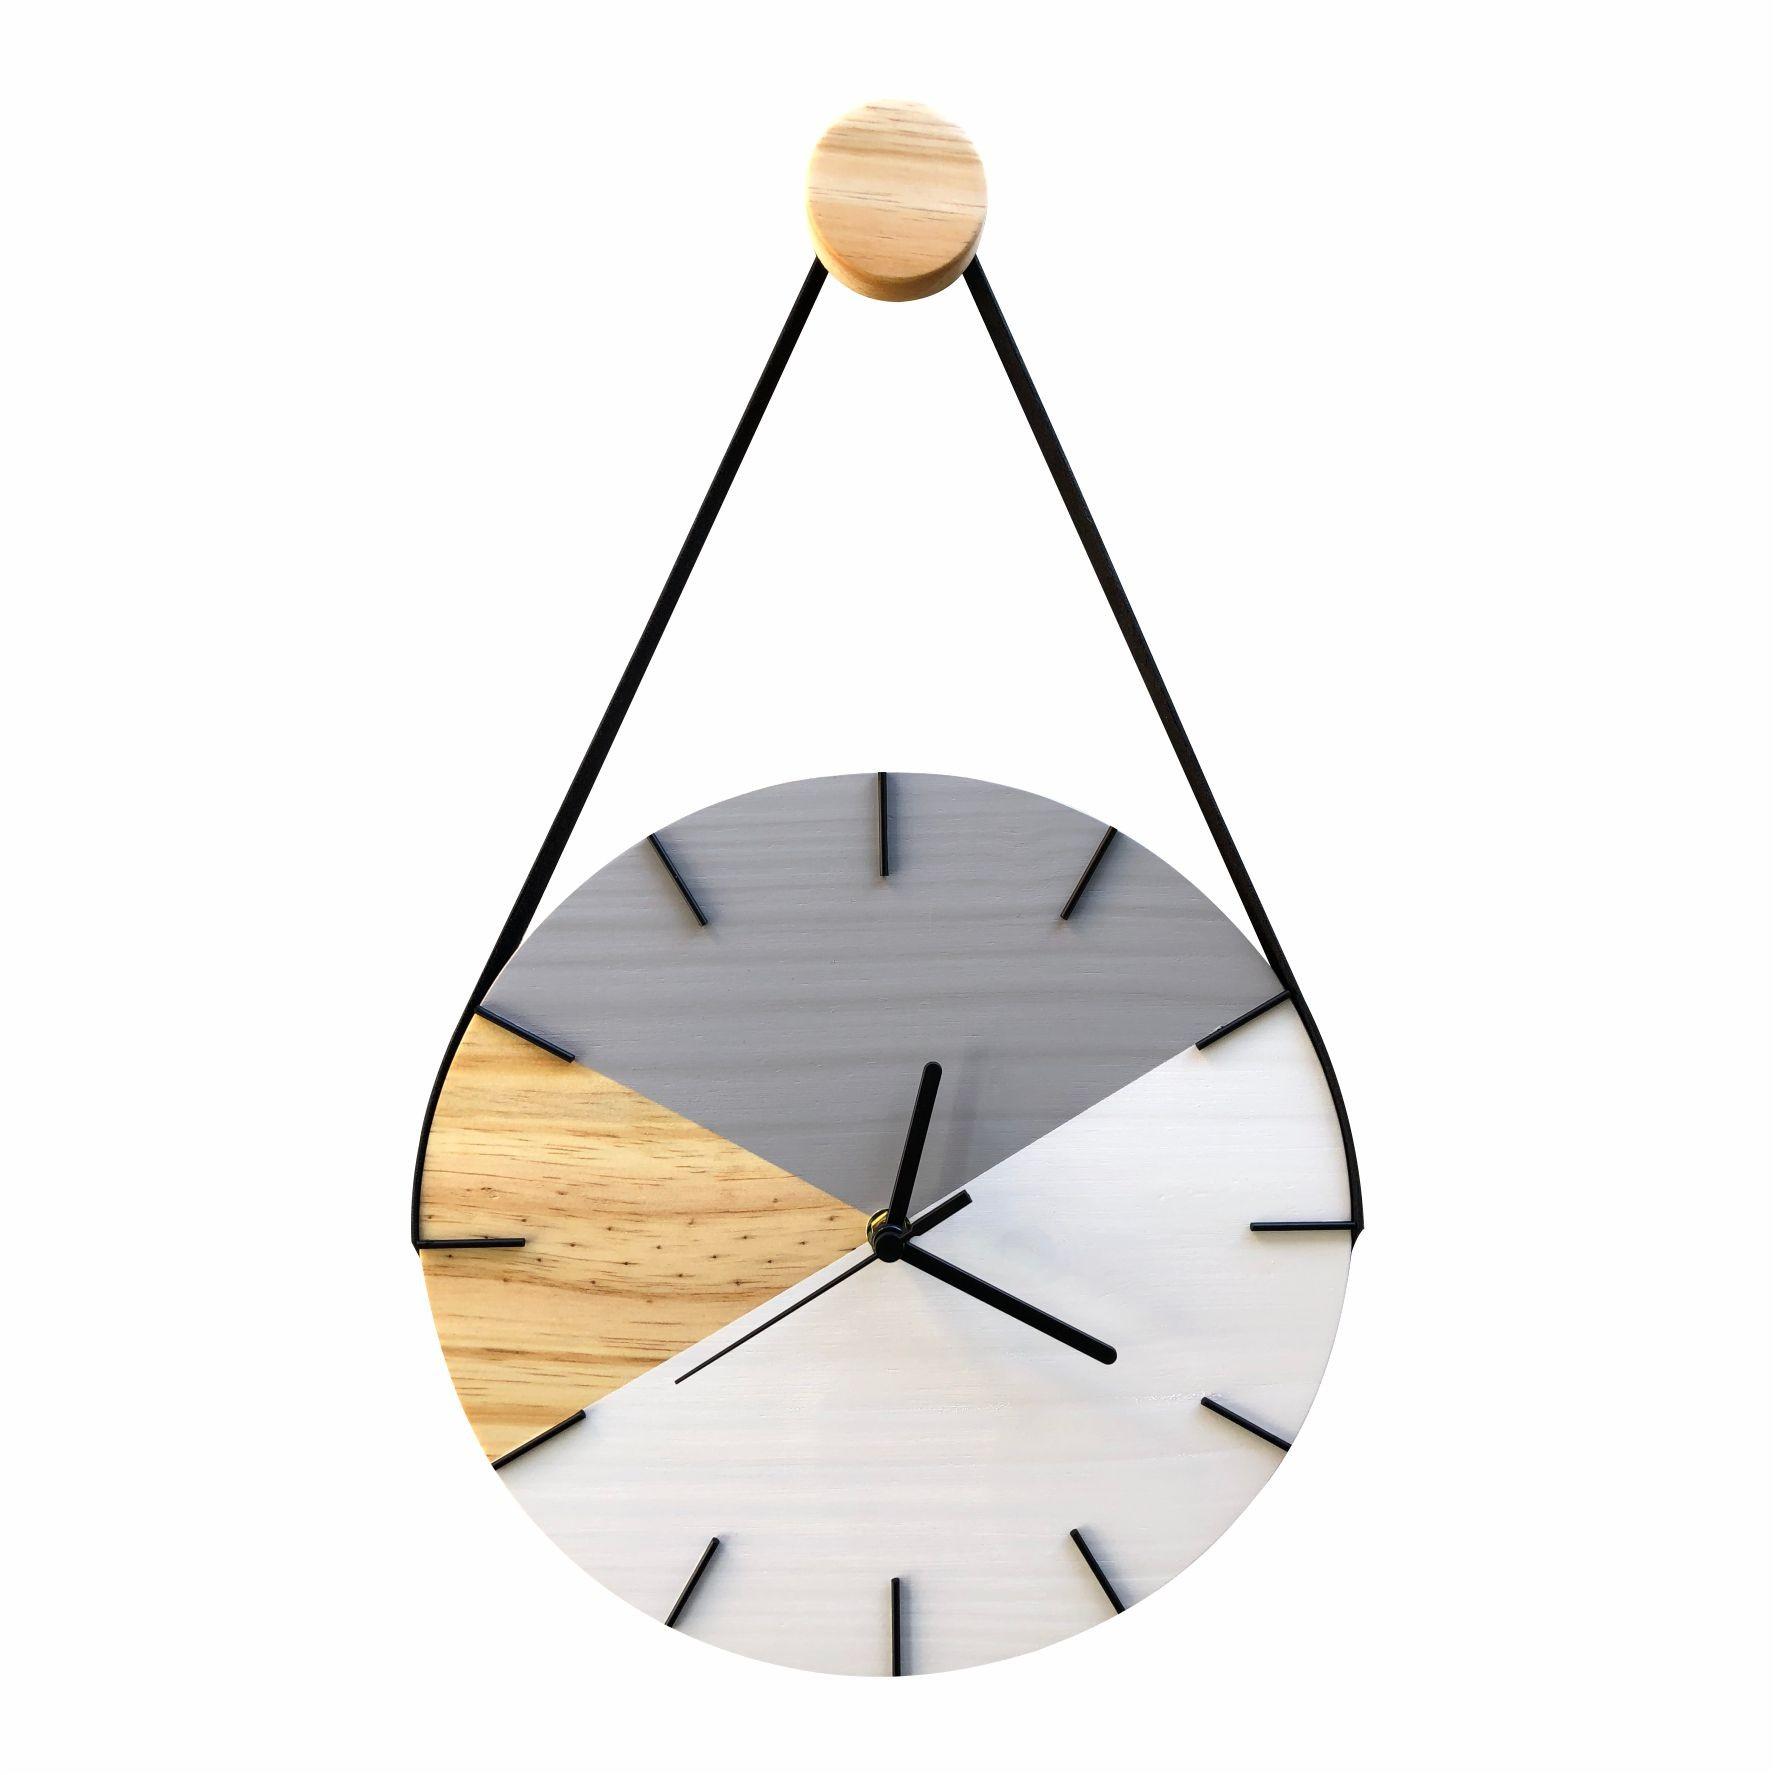 Relógio de Parede Geométrico Branco e Cinza Detalhes Preto com Alça